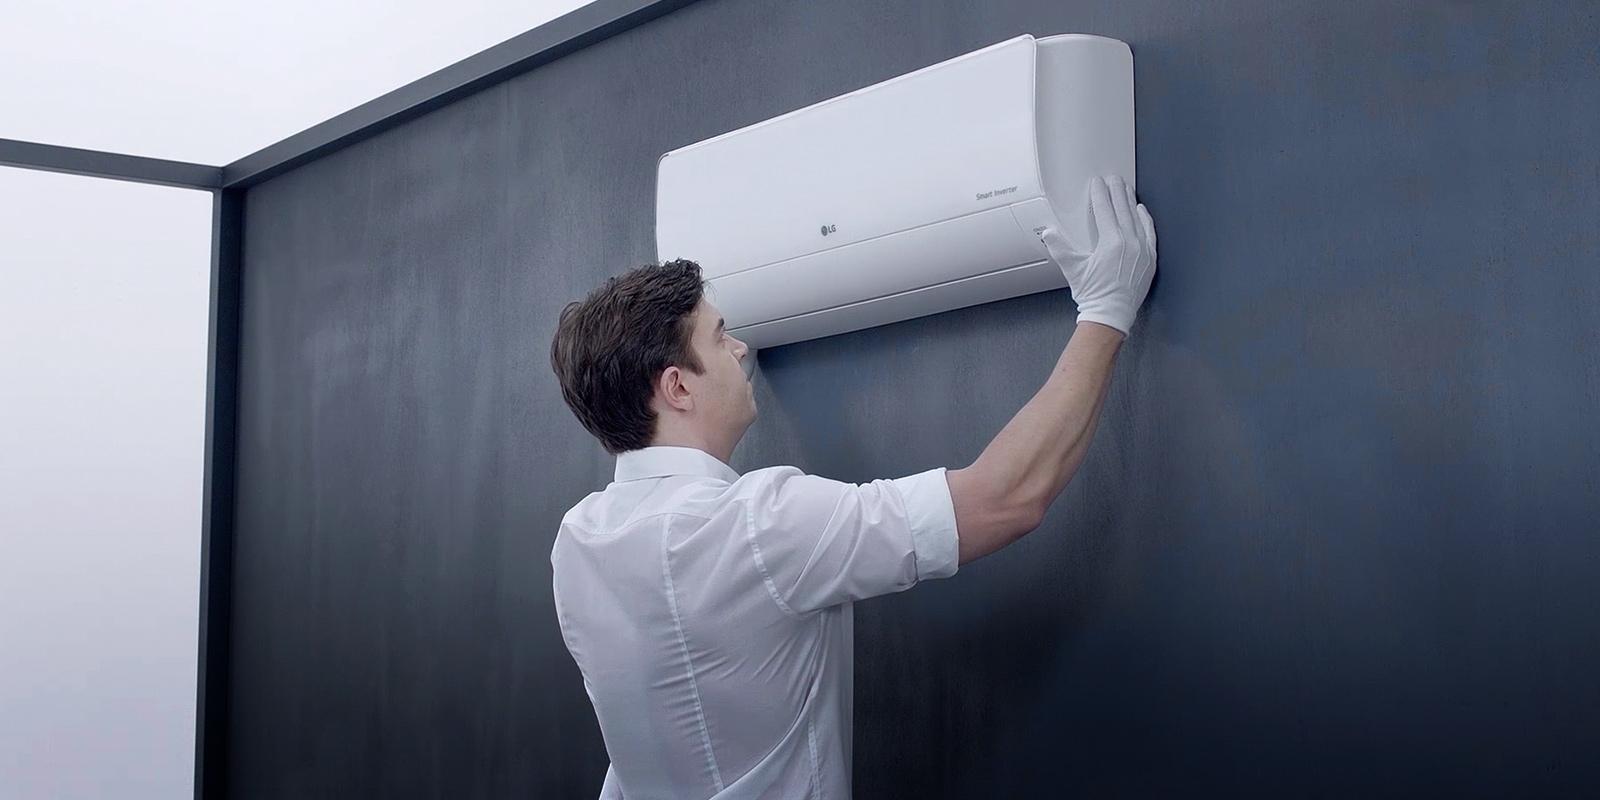 Como e Vender ou Distribuir Ar Condicionado Pela Internet (Foto: internet)